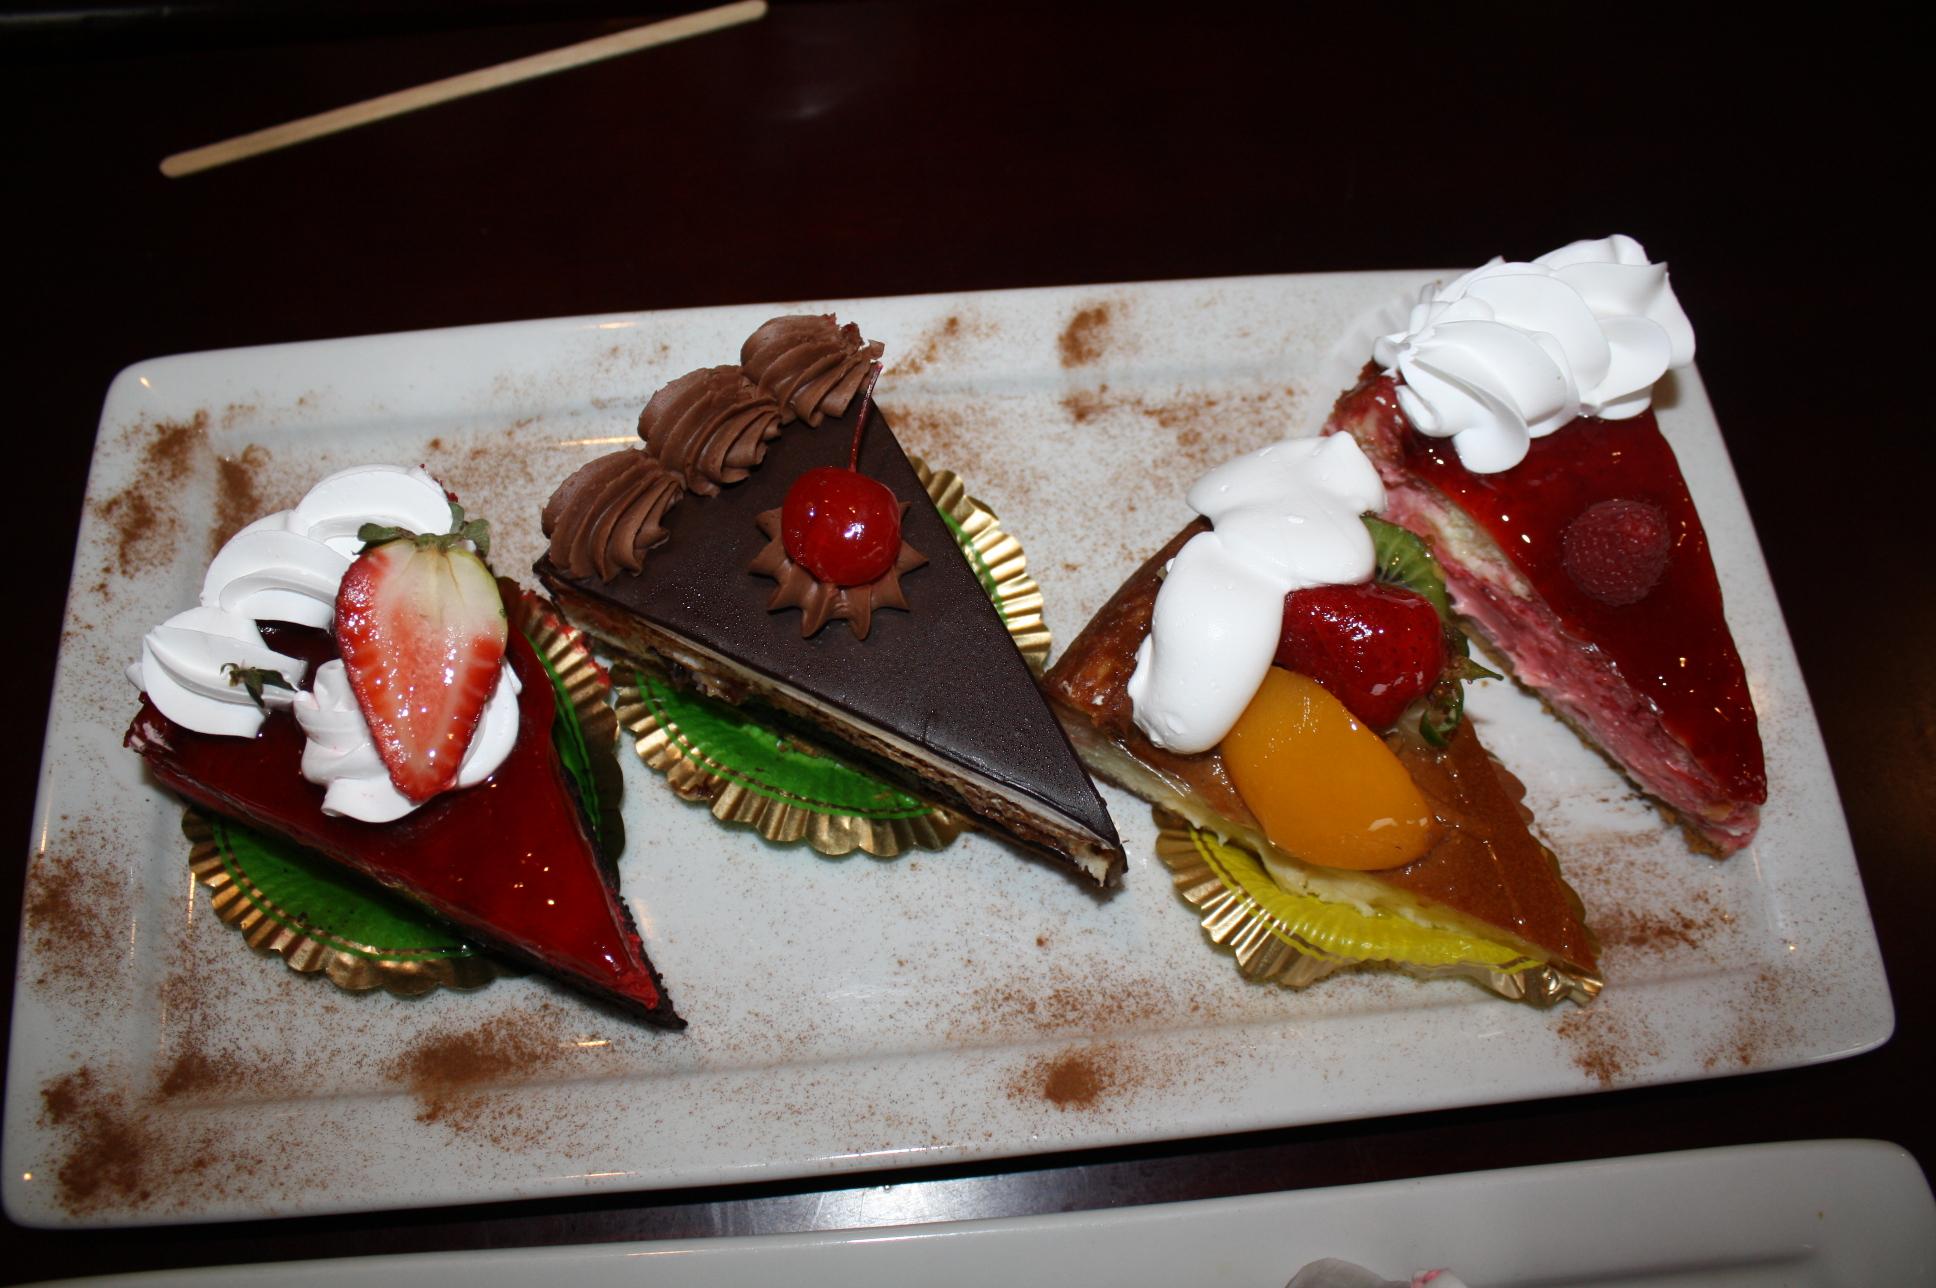 Es difícil describir la presencia y sabor de los pastelillos conocidos como chess cakes. Hay de más de una docena de sabores, pero los de fresa, 4 leches, frutas y caramelo son los más populares. (Foto de Agustín Durán/El Pasajero).